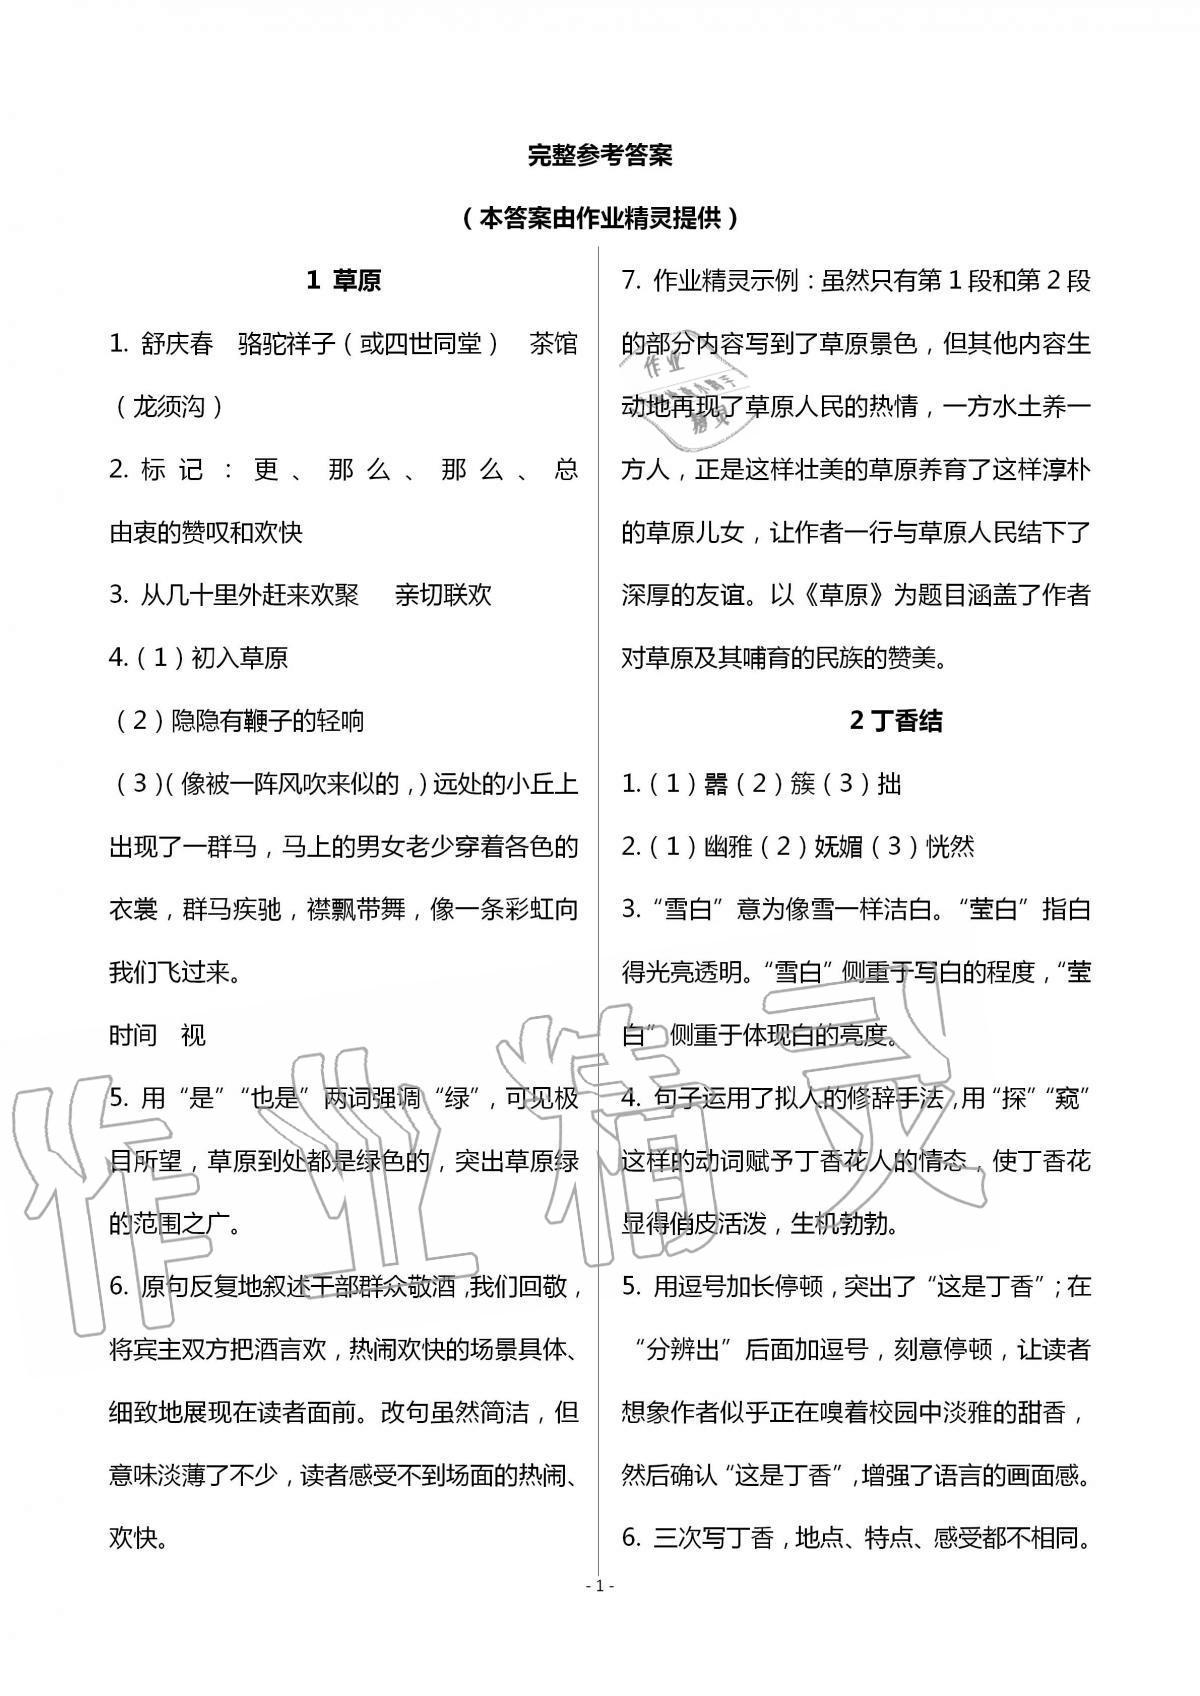 2020年语文练习部分六年级第一学期人教版五四制第1页